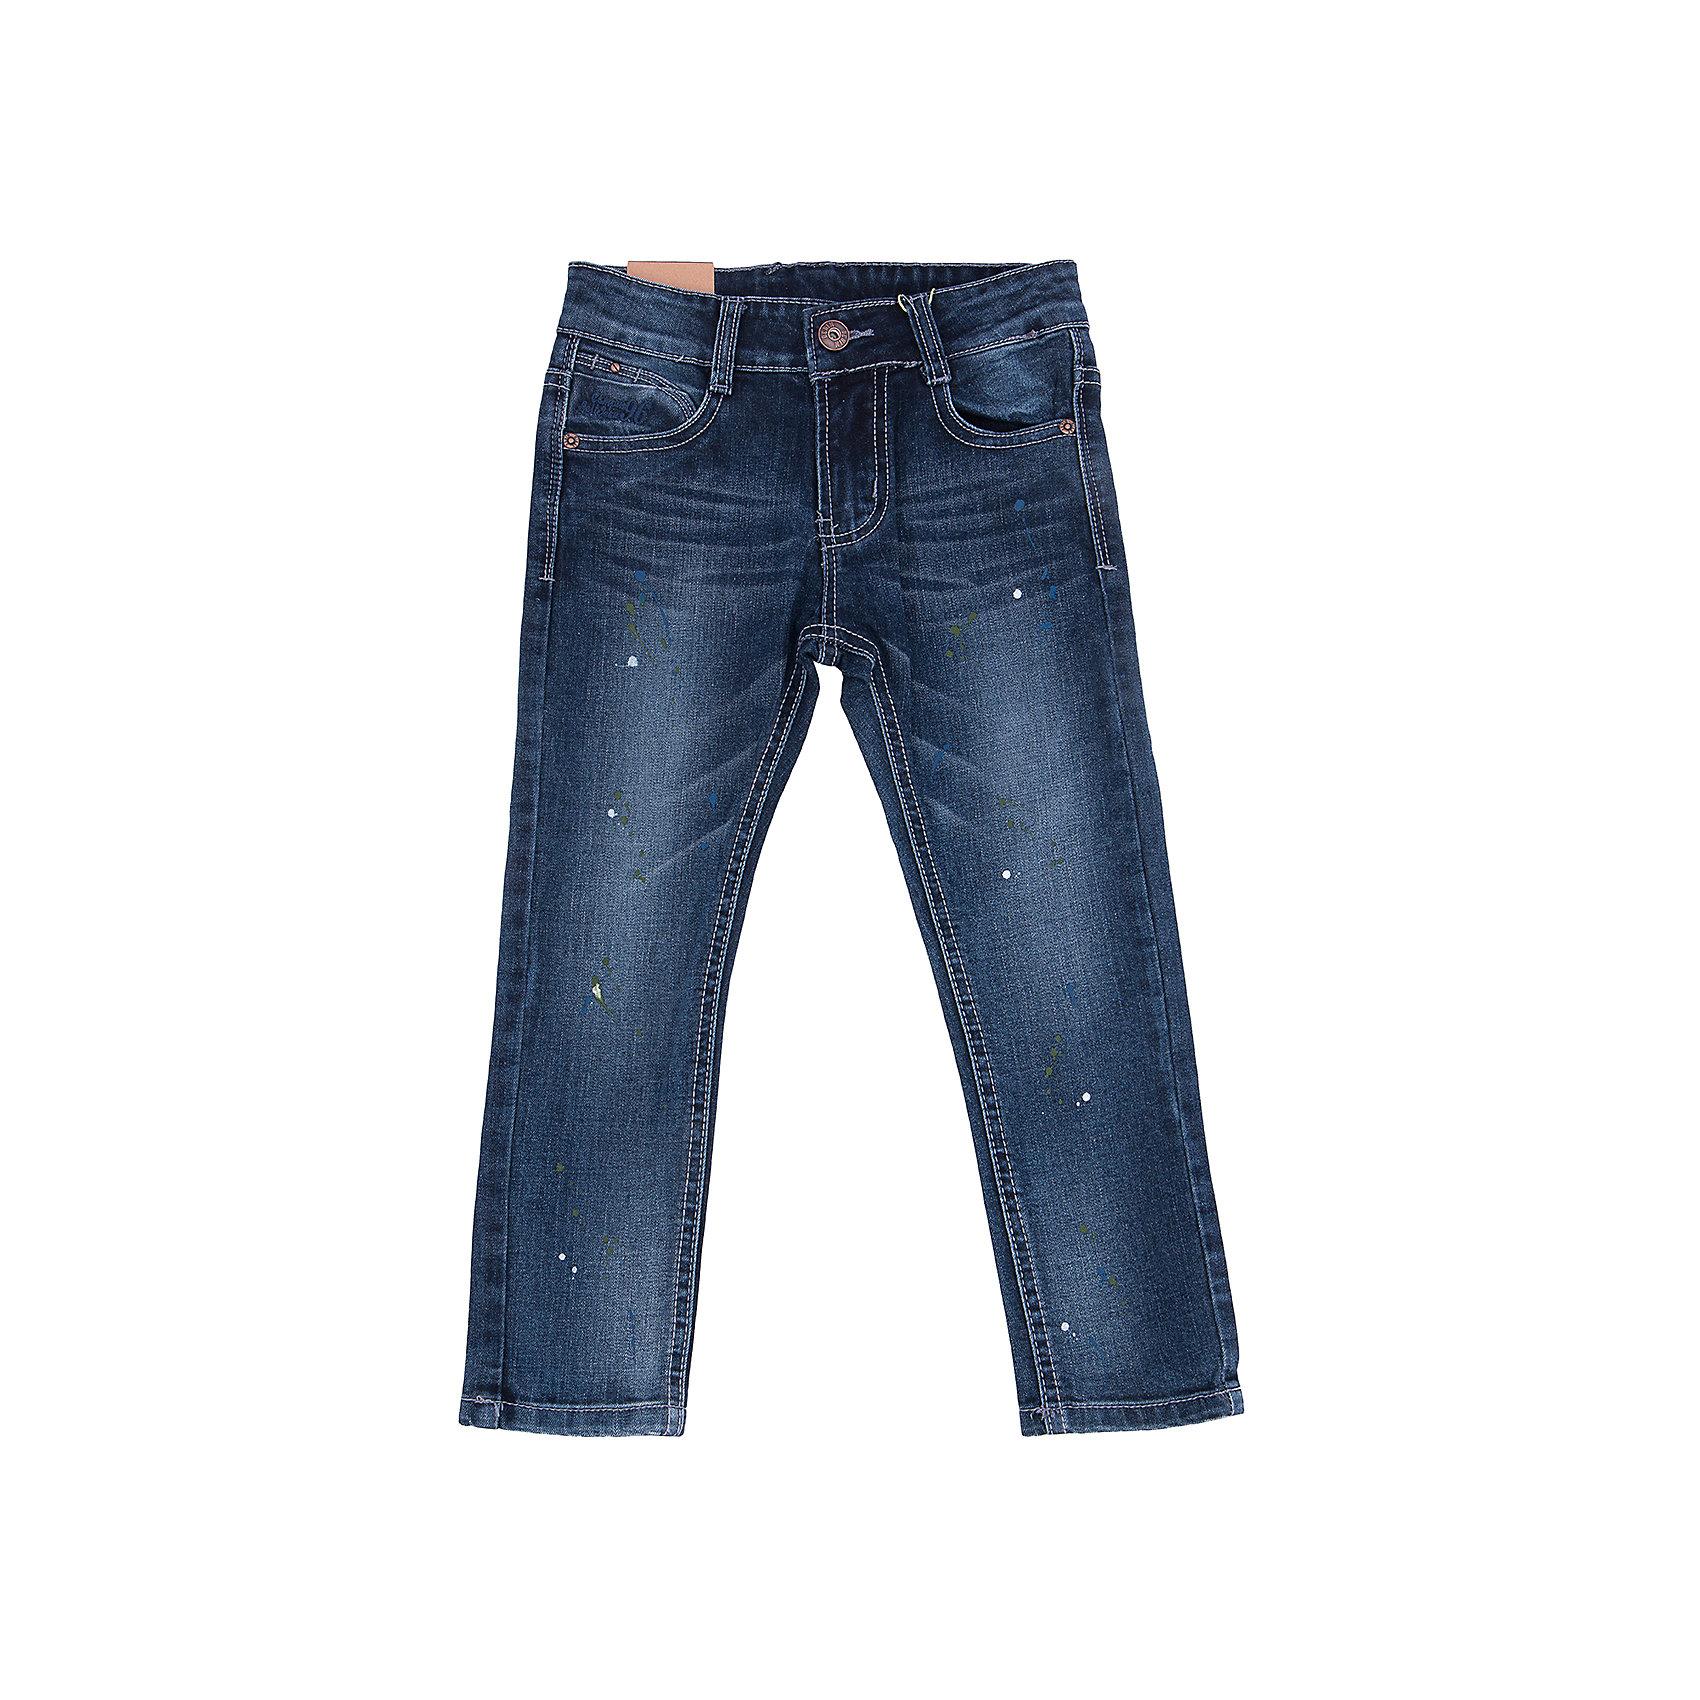 Джинсы для мальчика Sweet BerryТакая модель джинсов для мальчика отличается модным дизайном с контрастной прострочкой и потертостями. Удачный крой обеспечит ребенку комфорт и тепло. Джинсы плотно прилегают к телу там, где нужно, и отлично сидят по фигуре. Они имеют удобный пояс с регулировкой внутри и карманы. Натуральный хлопок в составе ткани обеспечит коже возможность дышать и не вызовет аллергии.<br>Одежда от бренда Sweet Berry - это простой и выгодный способ одеть ребенка удобно и стильно. Всё изделия тщательно проработаны: швы - прочные, материал - качественный, фурнитура - подобранная специально для детей. <br><br>Дополнительная информация:<br><br>цвет: синий;<br>имитация потертостей;<br>материал: 98% хлопок, 2% эластан;<br>пояс с регулировкой внутри.<br><br>Джинсы для мальчика от бренда Sweet Berry можно купить в нашем интернет-магазине.<br><br>Ширина мм: 215<br>Глубина мм: 88<br>Высота мм: 191<br>Вес г: 336<br>Цвет: синий<br>Возраст от месяцев: 24<br>Возраст до месяцев: 36<br>Пол: Мужской<br>Возраст: Детский<br>Размер: 104,110,116,122,128,98<br>SKU: 4930732